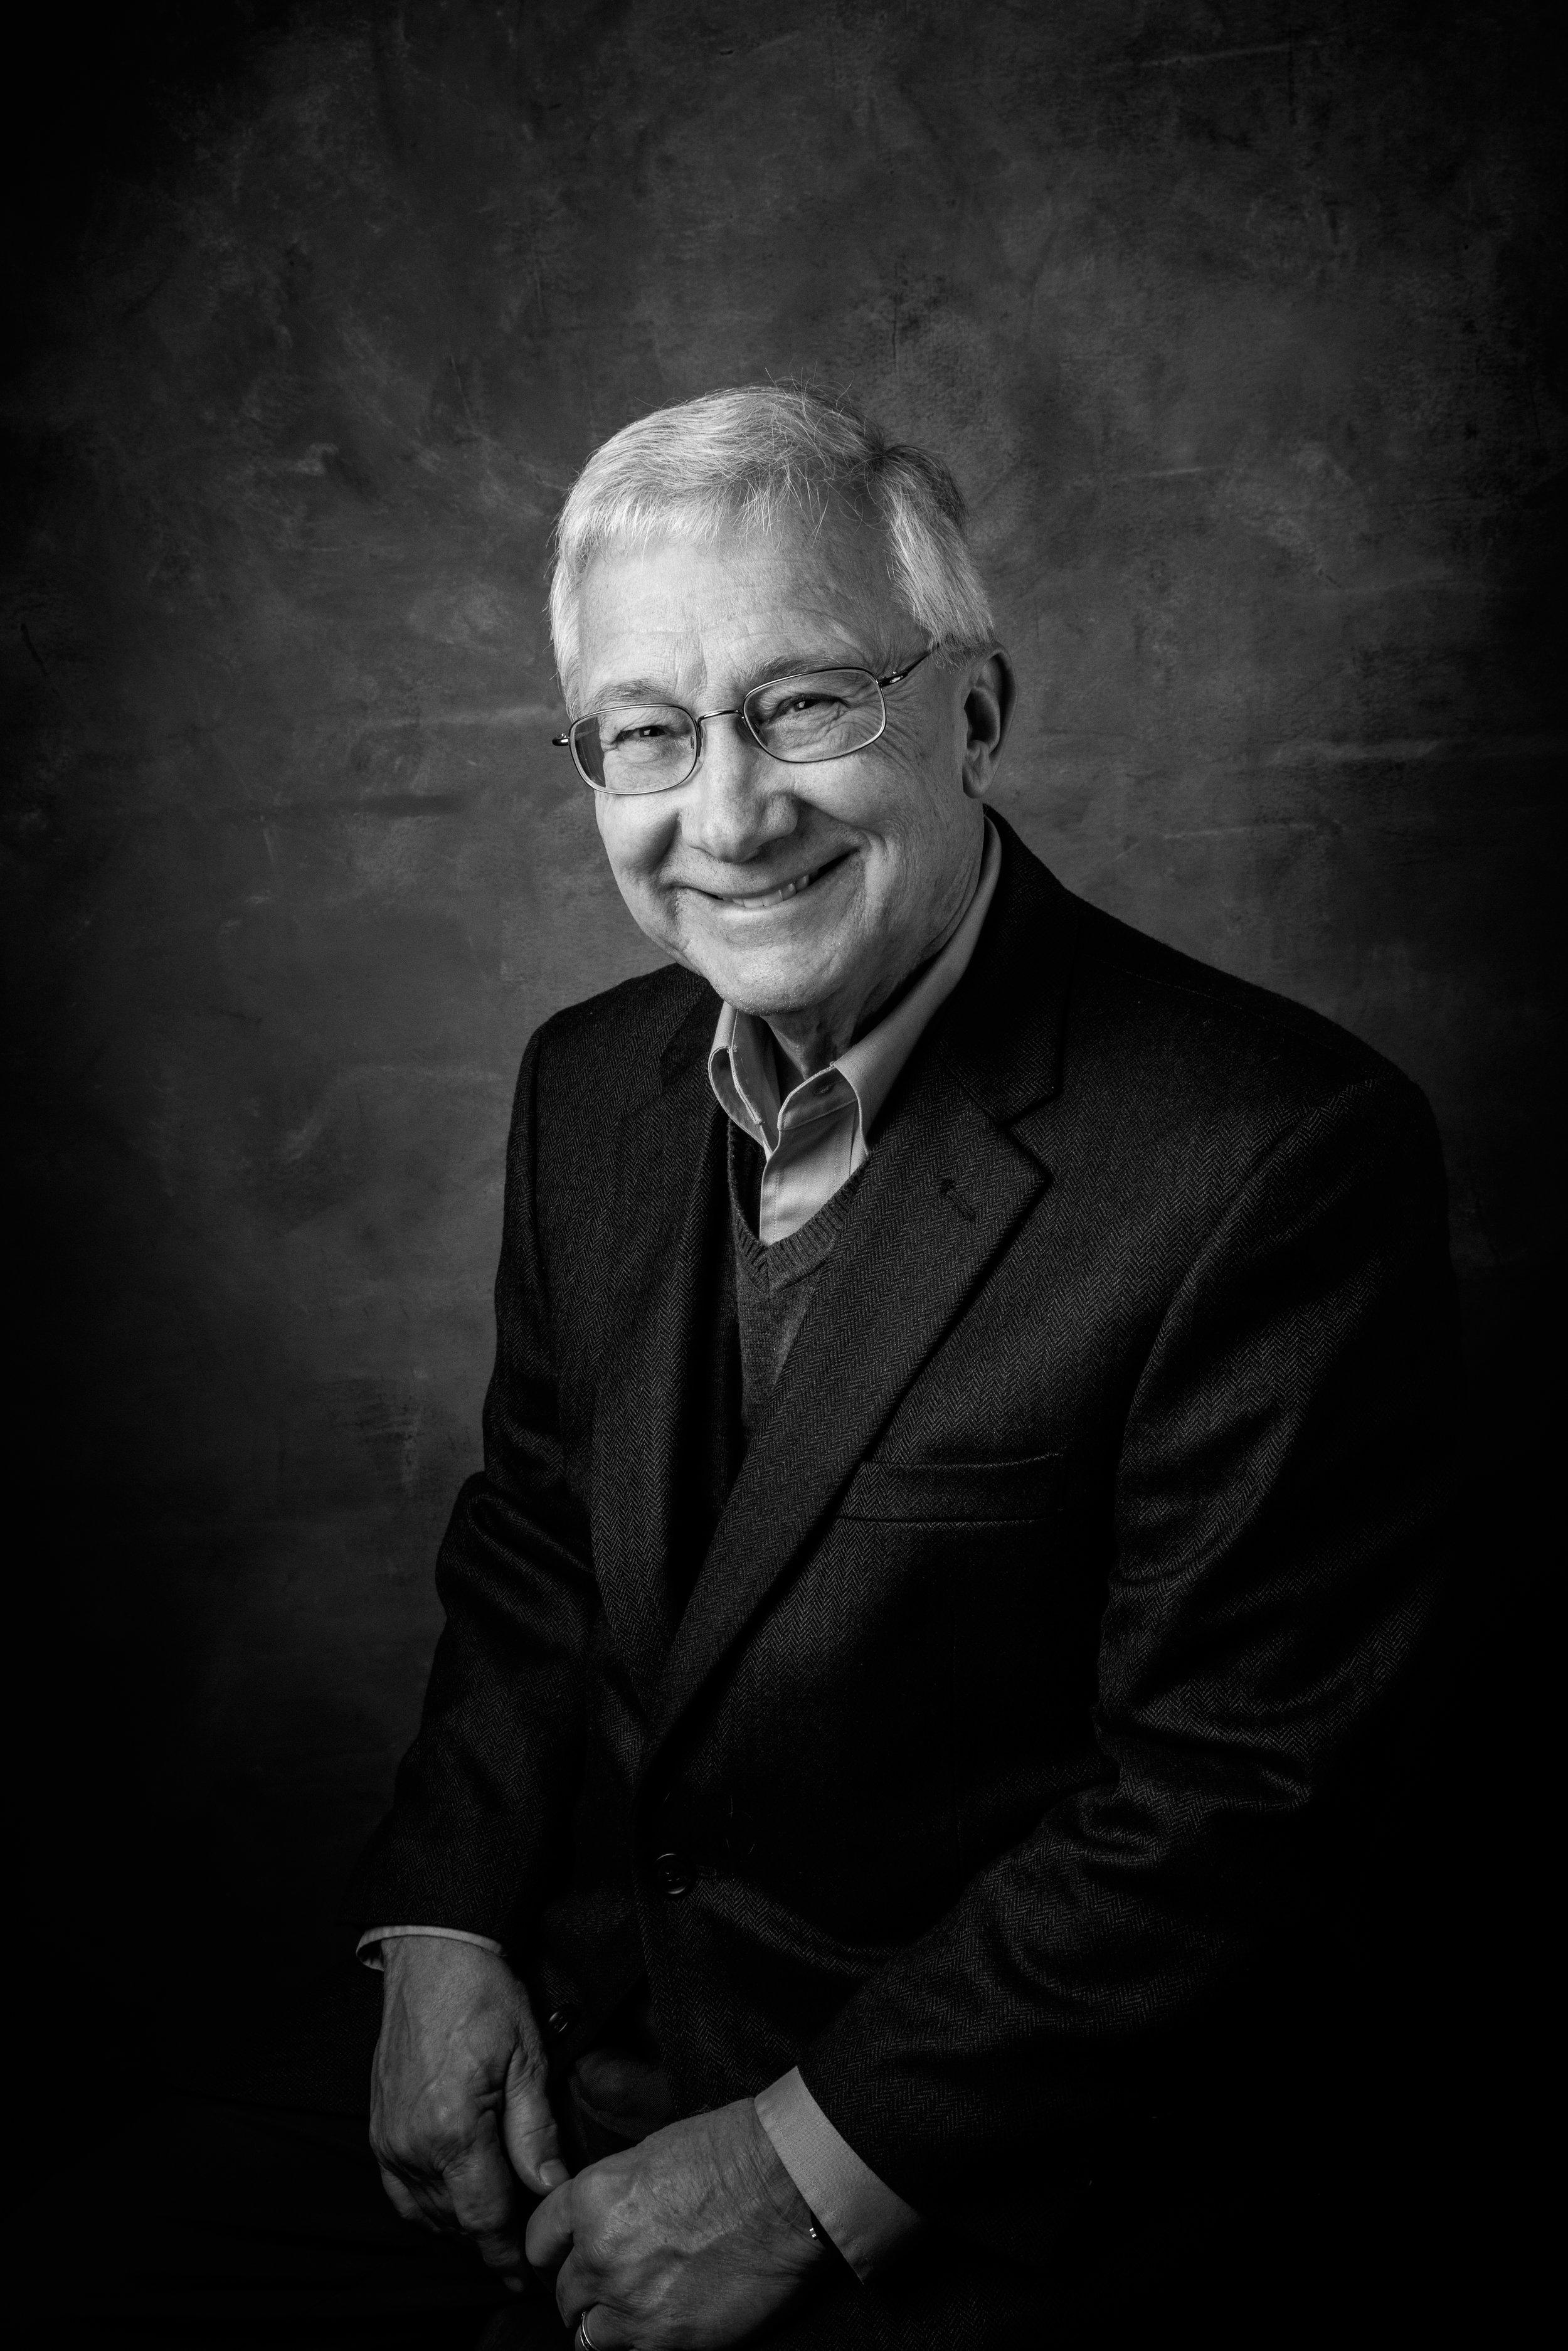 David Grant , co-founder